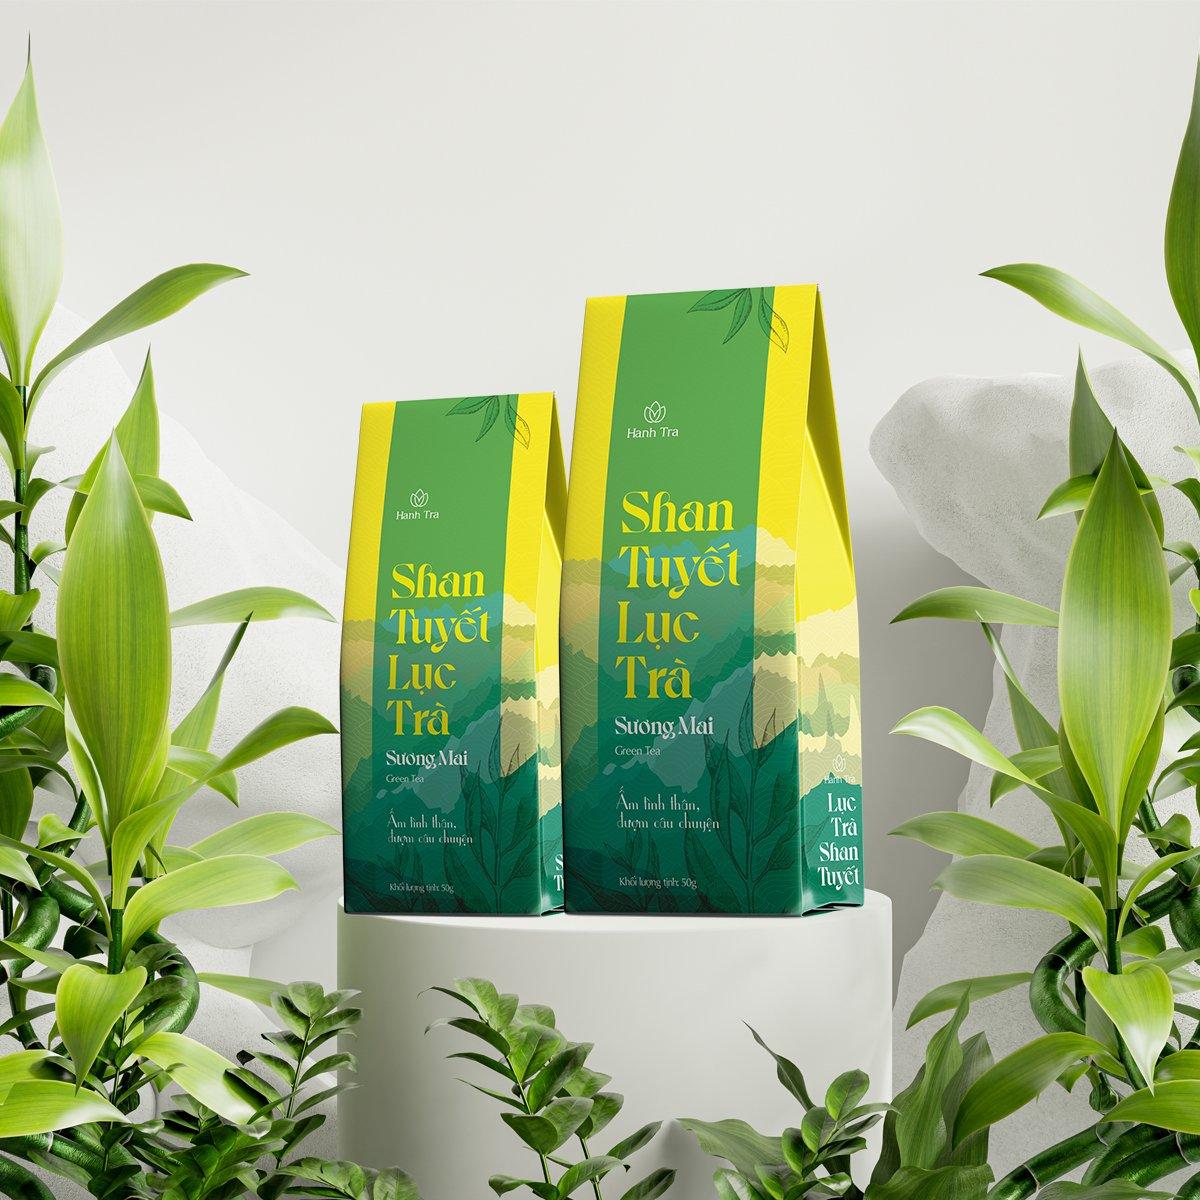 Chè Xanh Shan Tuyết Cao Cấp 50g - Green Tea